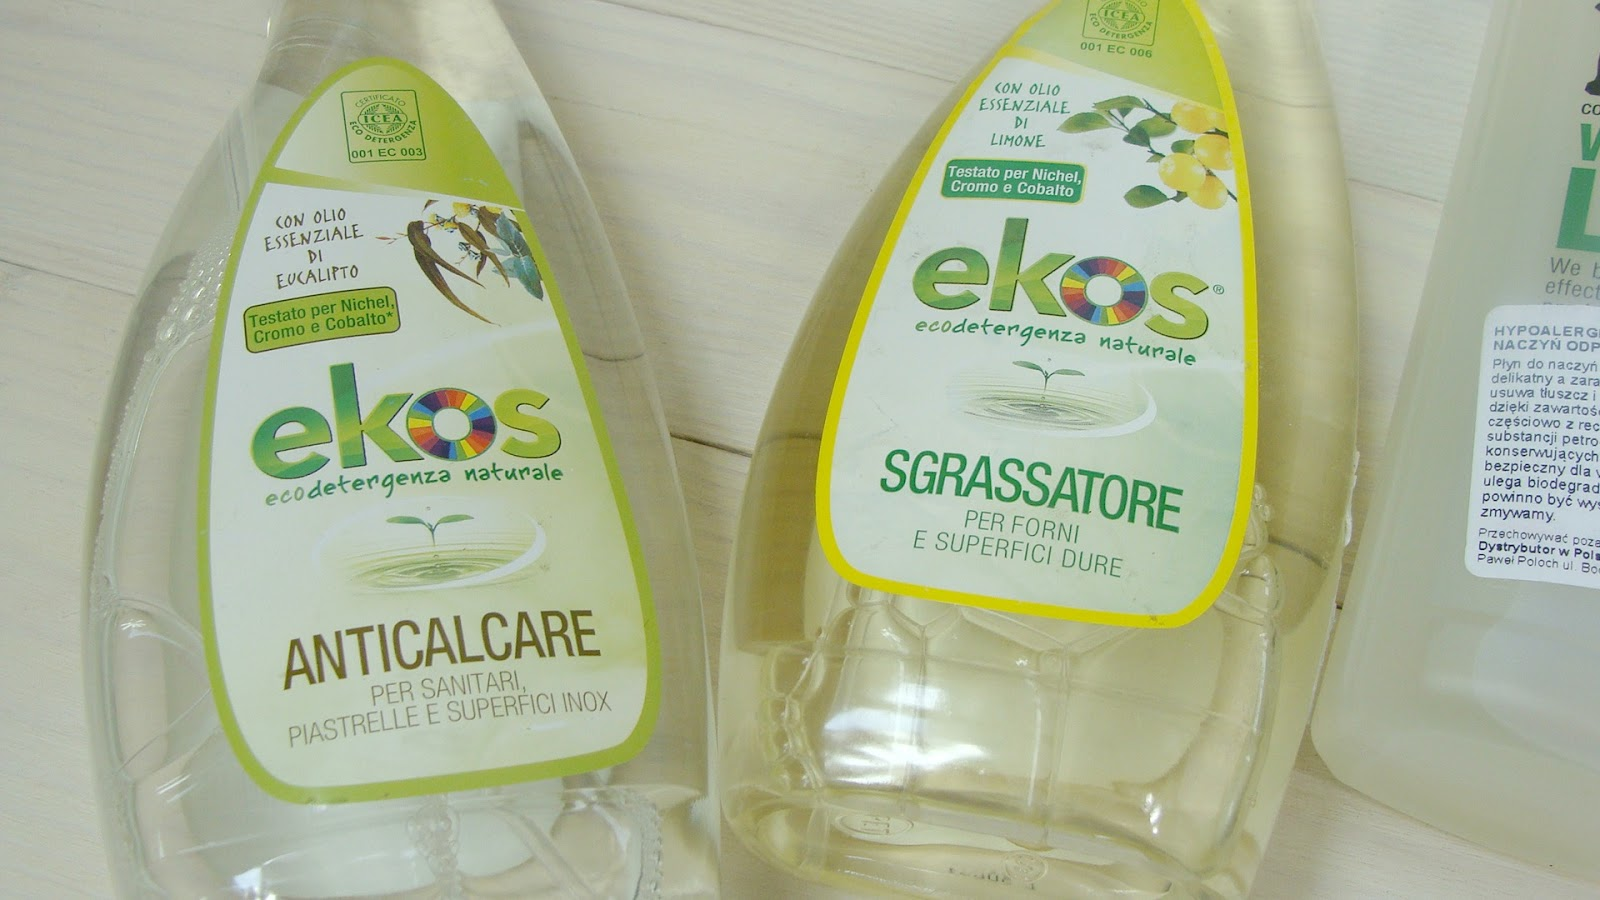 Eko sprzątanie, ekologiczne środki czystości, ekologiczne sprzątanie, ekologiczna chemia do domu, bio d, ekos